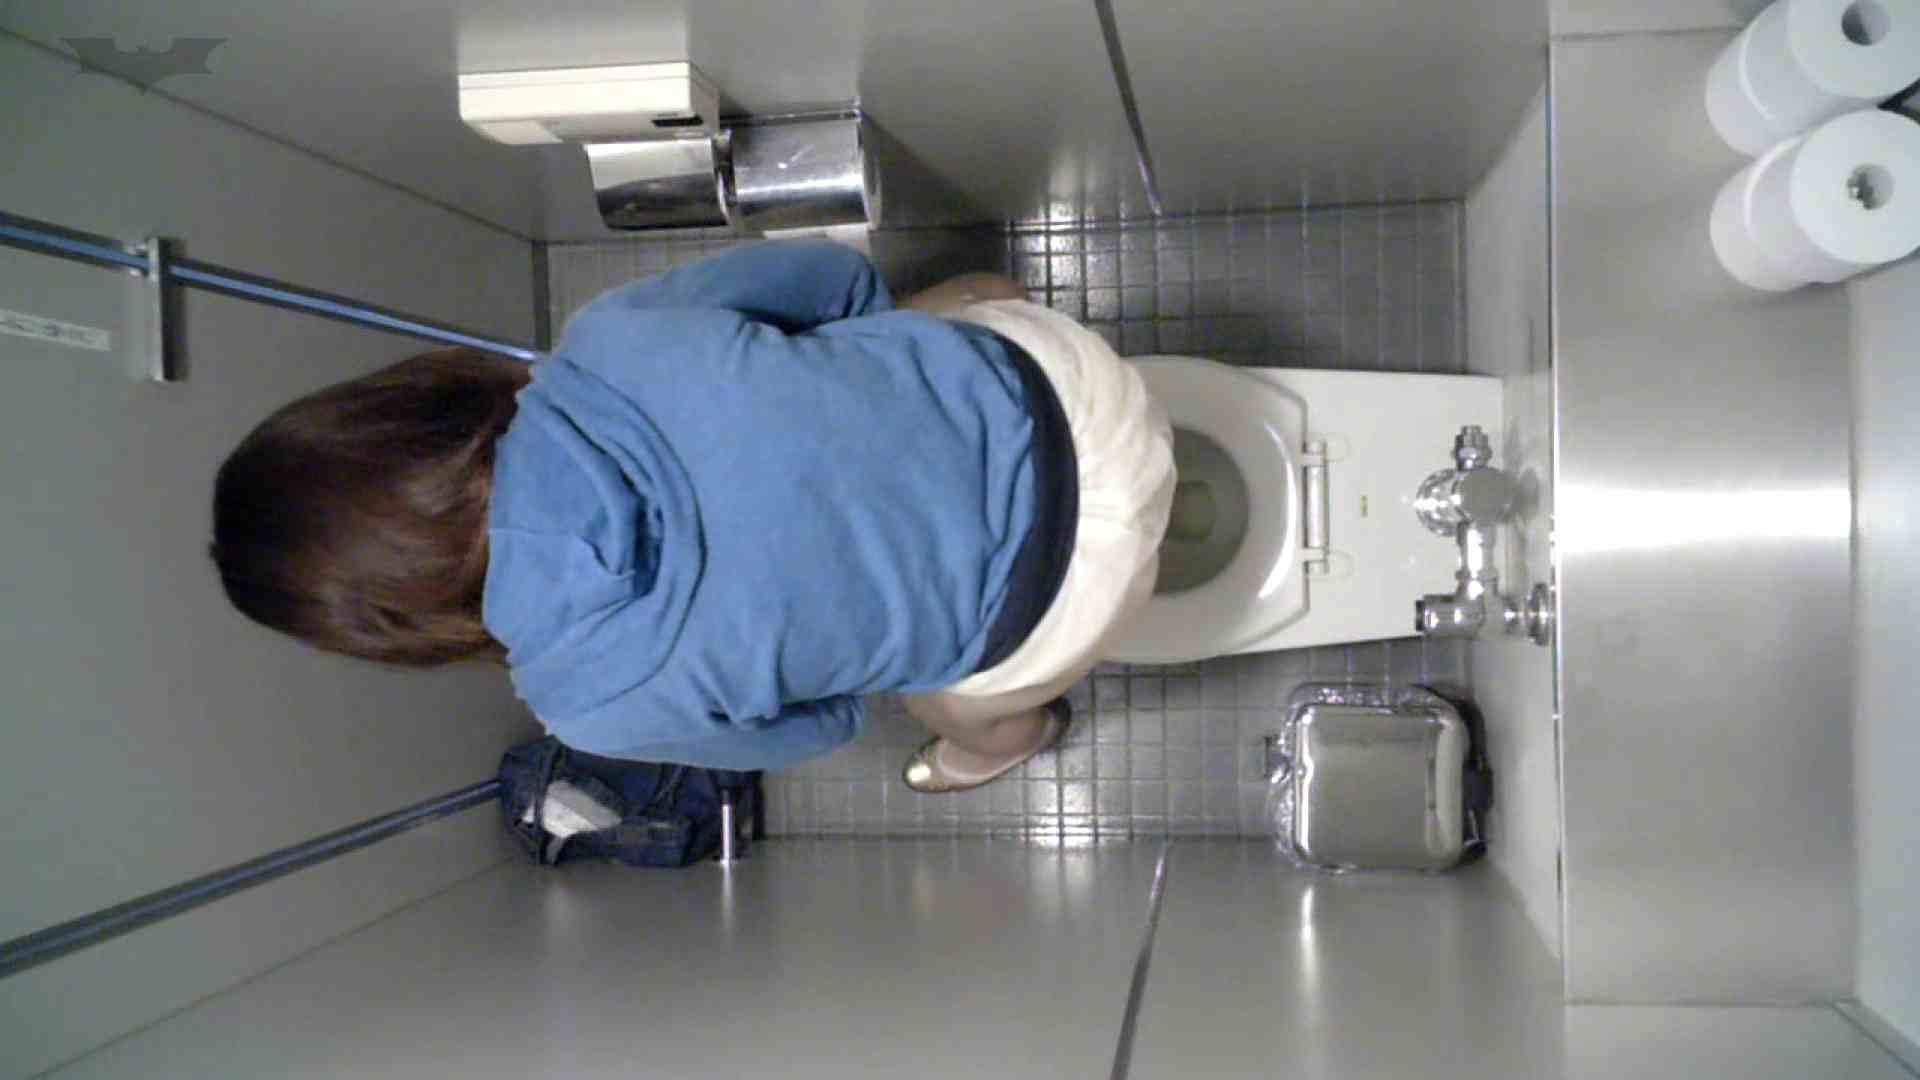 有名大学女性洗面所 vol.39 スッゴクド派手な勝負パンツ!1名+7名 パンツ売る女 オマンコ動画キャプチャ 100枚 3